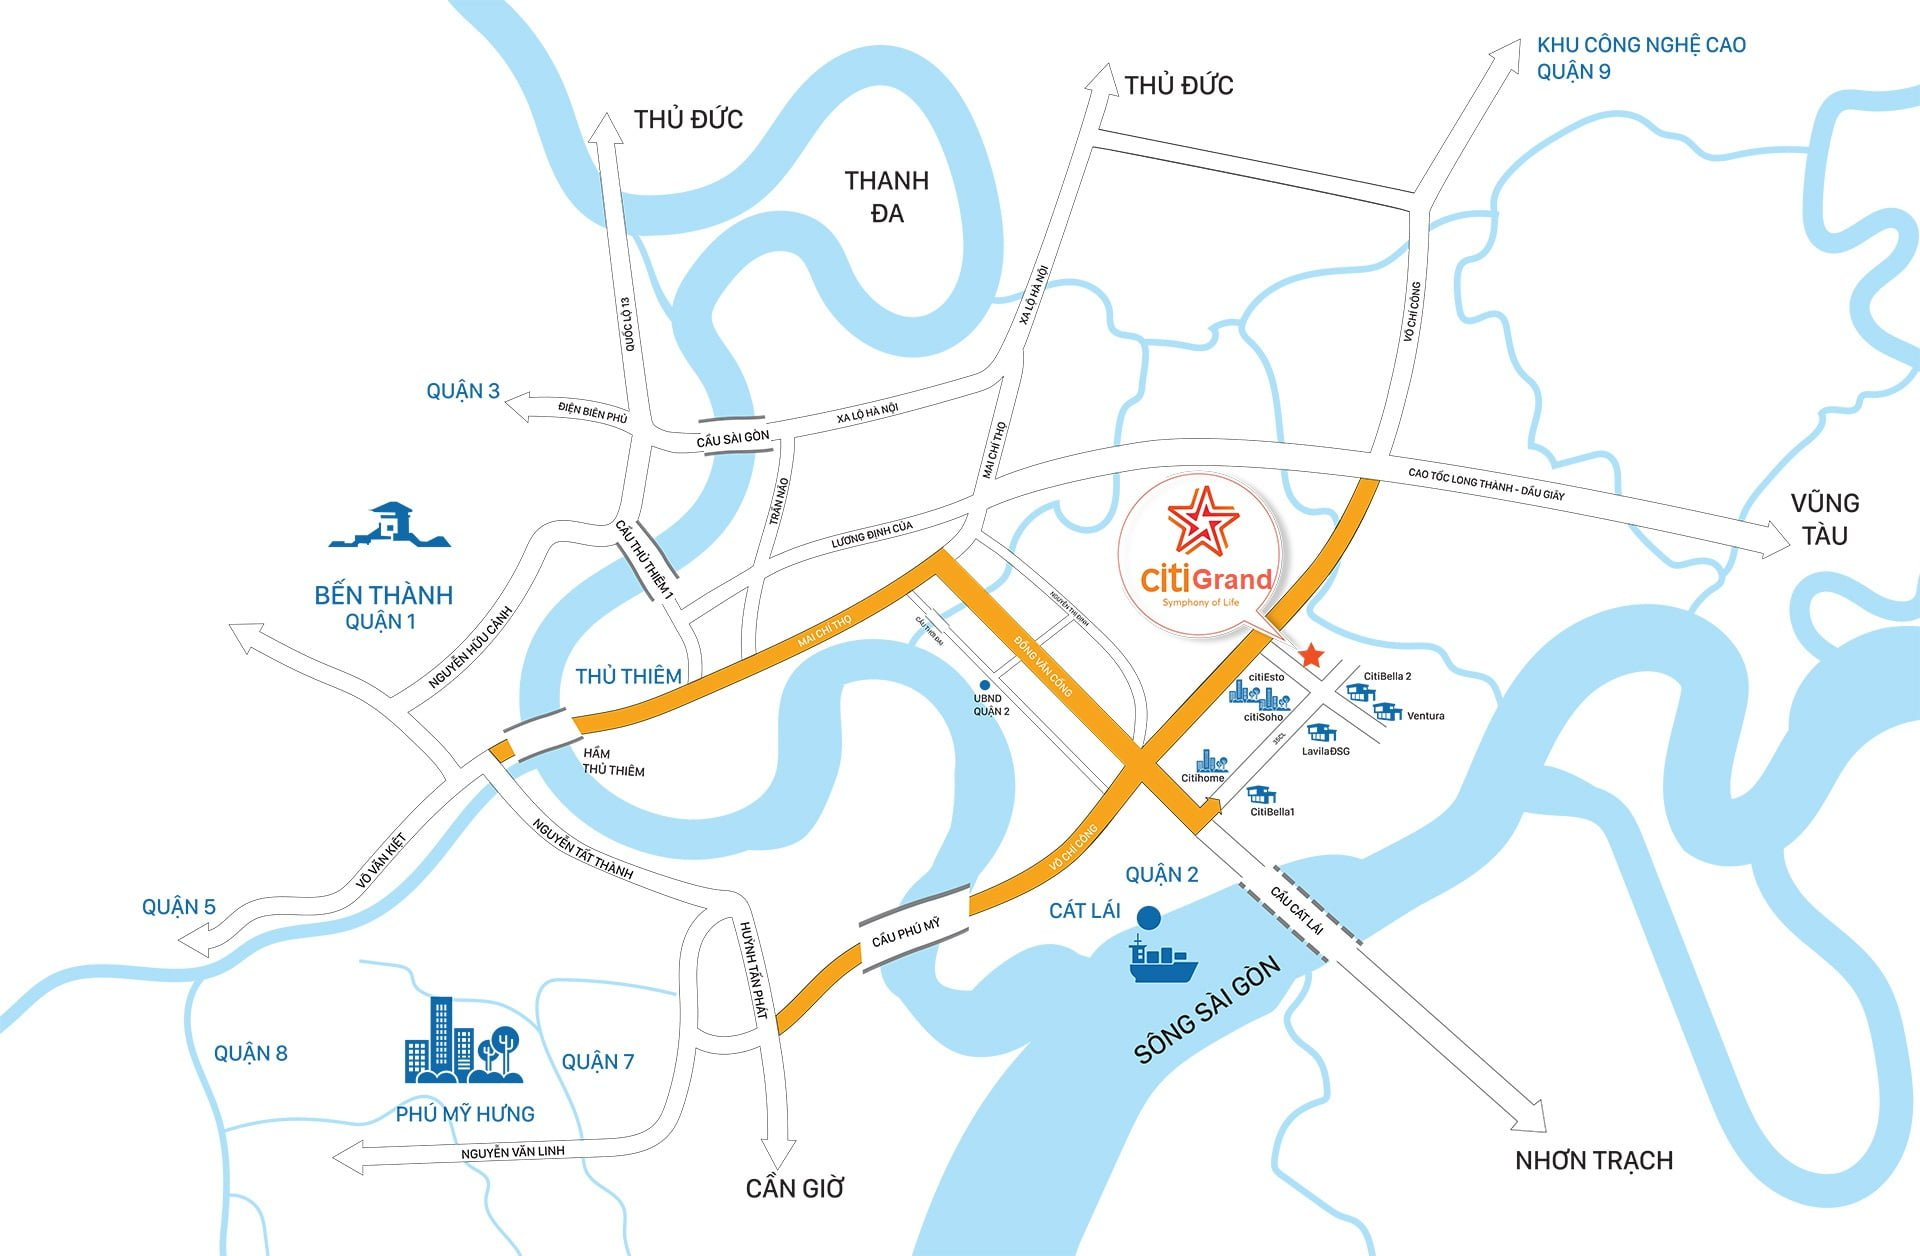 Map citigrand - DỰ ÁN CĂN HỘ CITI GRAND CẢNG CÁT LÁI QUẬN 2